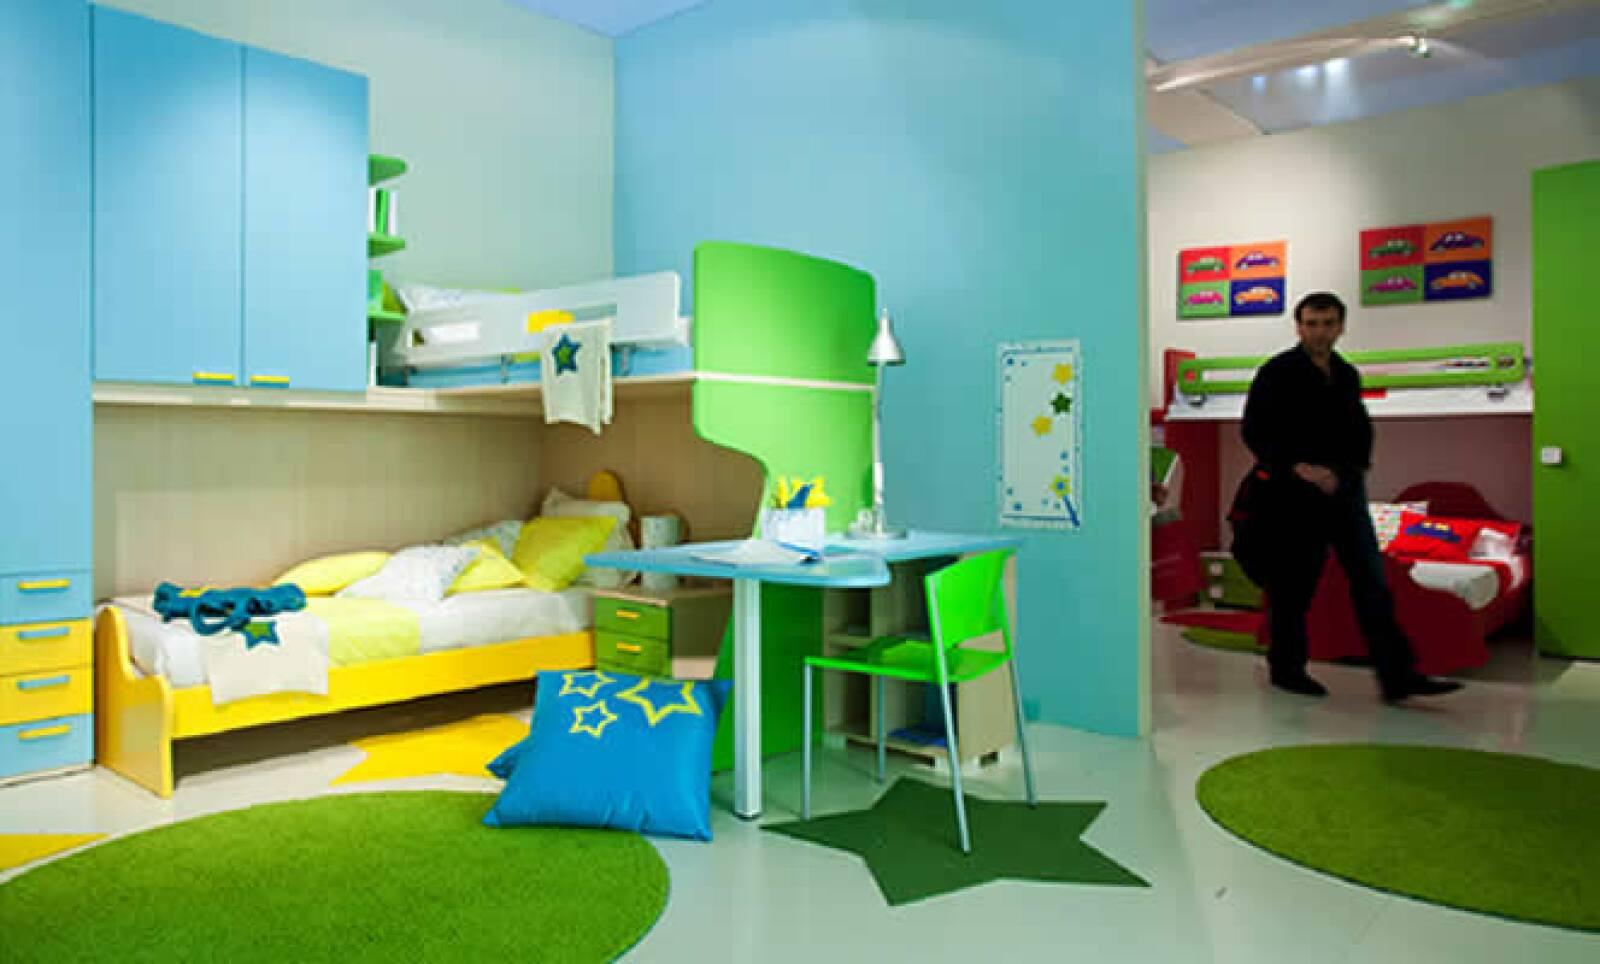 Los expositores mostraron líneas de muebles para los niños.